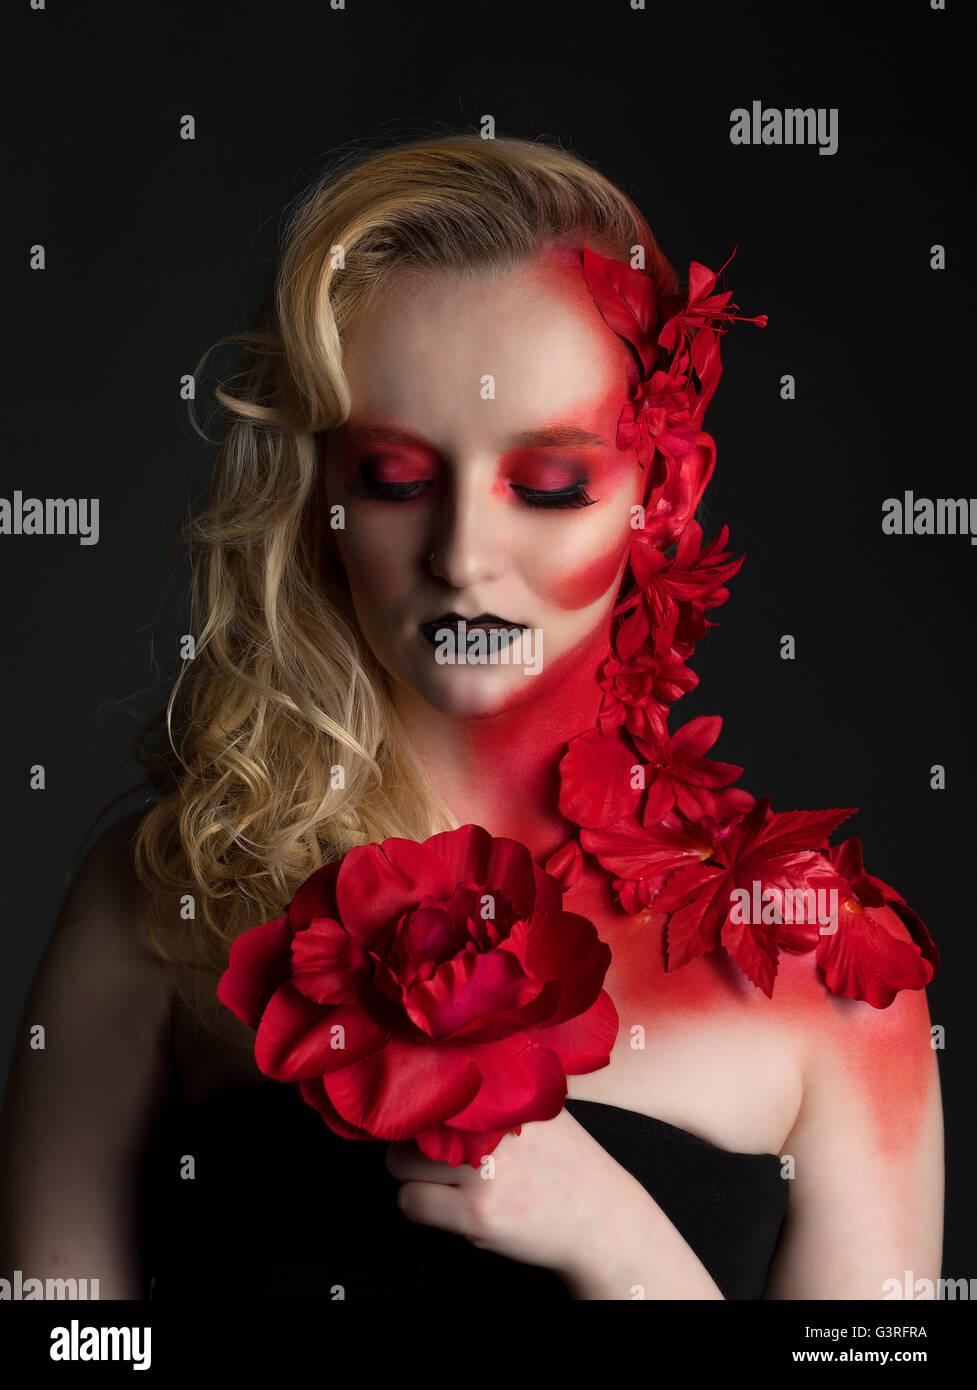 Gothic Fashion Fantasy Blonde English Rose Beauty